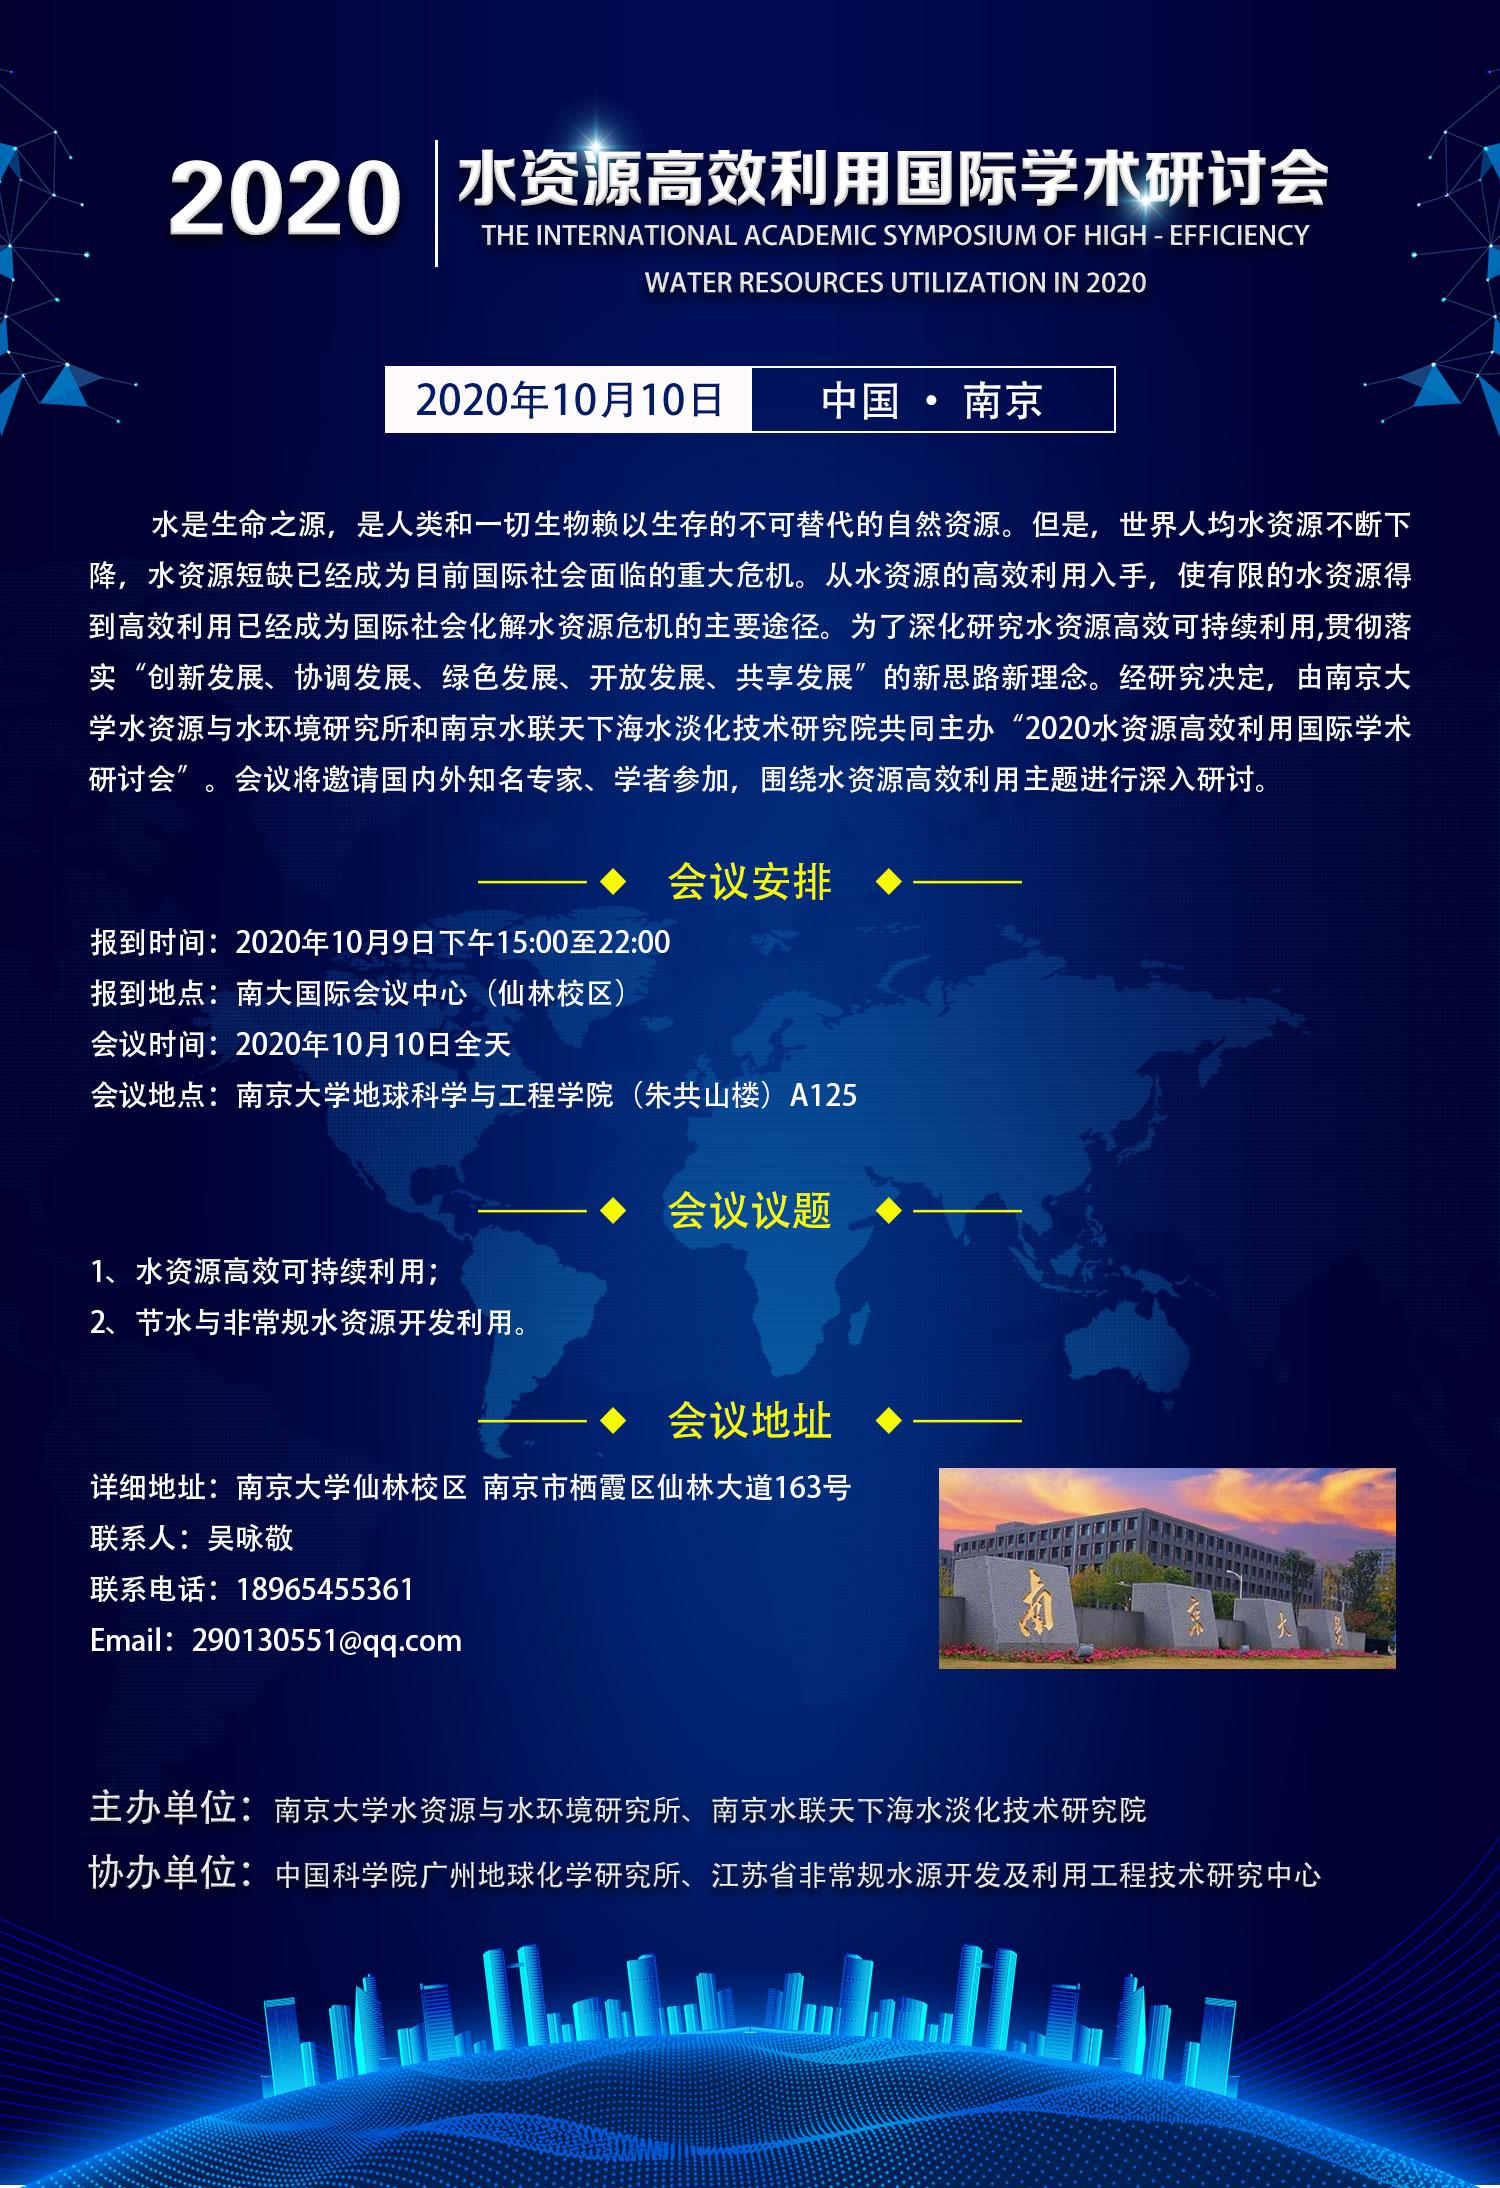 南京水联天下海水淡化技术研究院